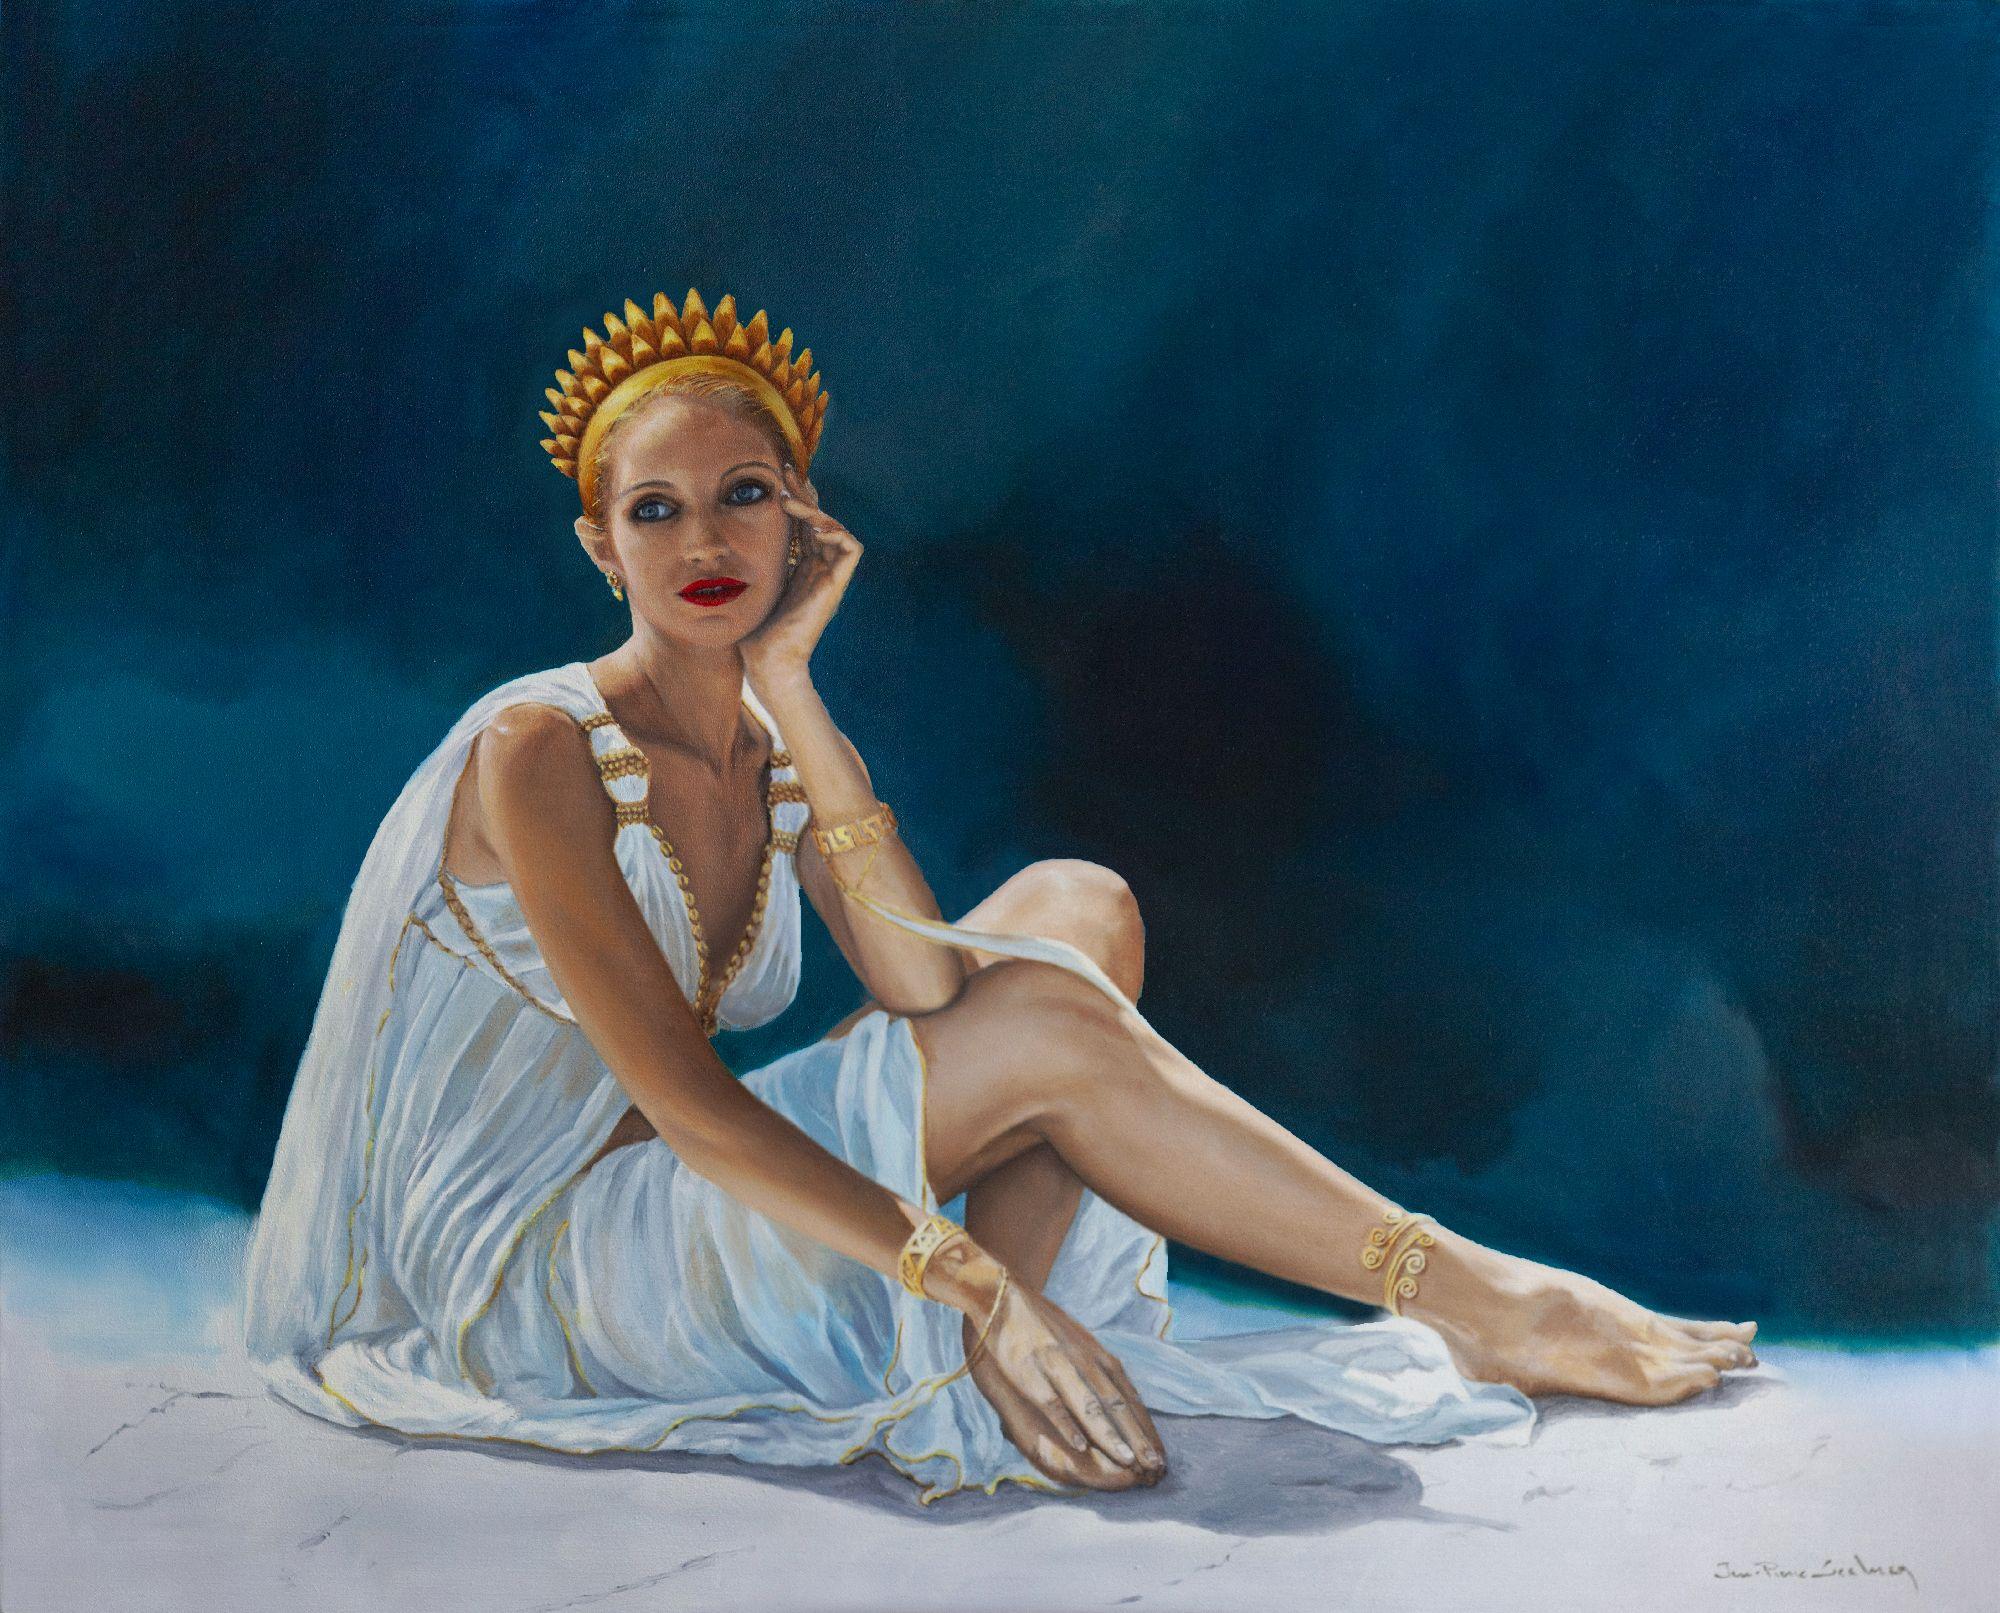 Site Des Artistes Peintres hyperreal | jean pierre leclercq artiste peintre | france